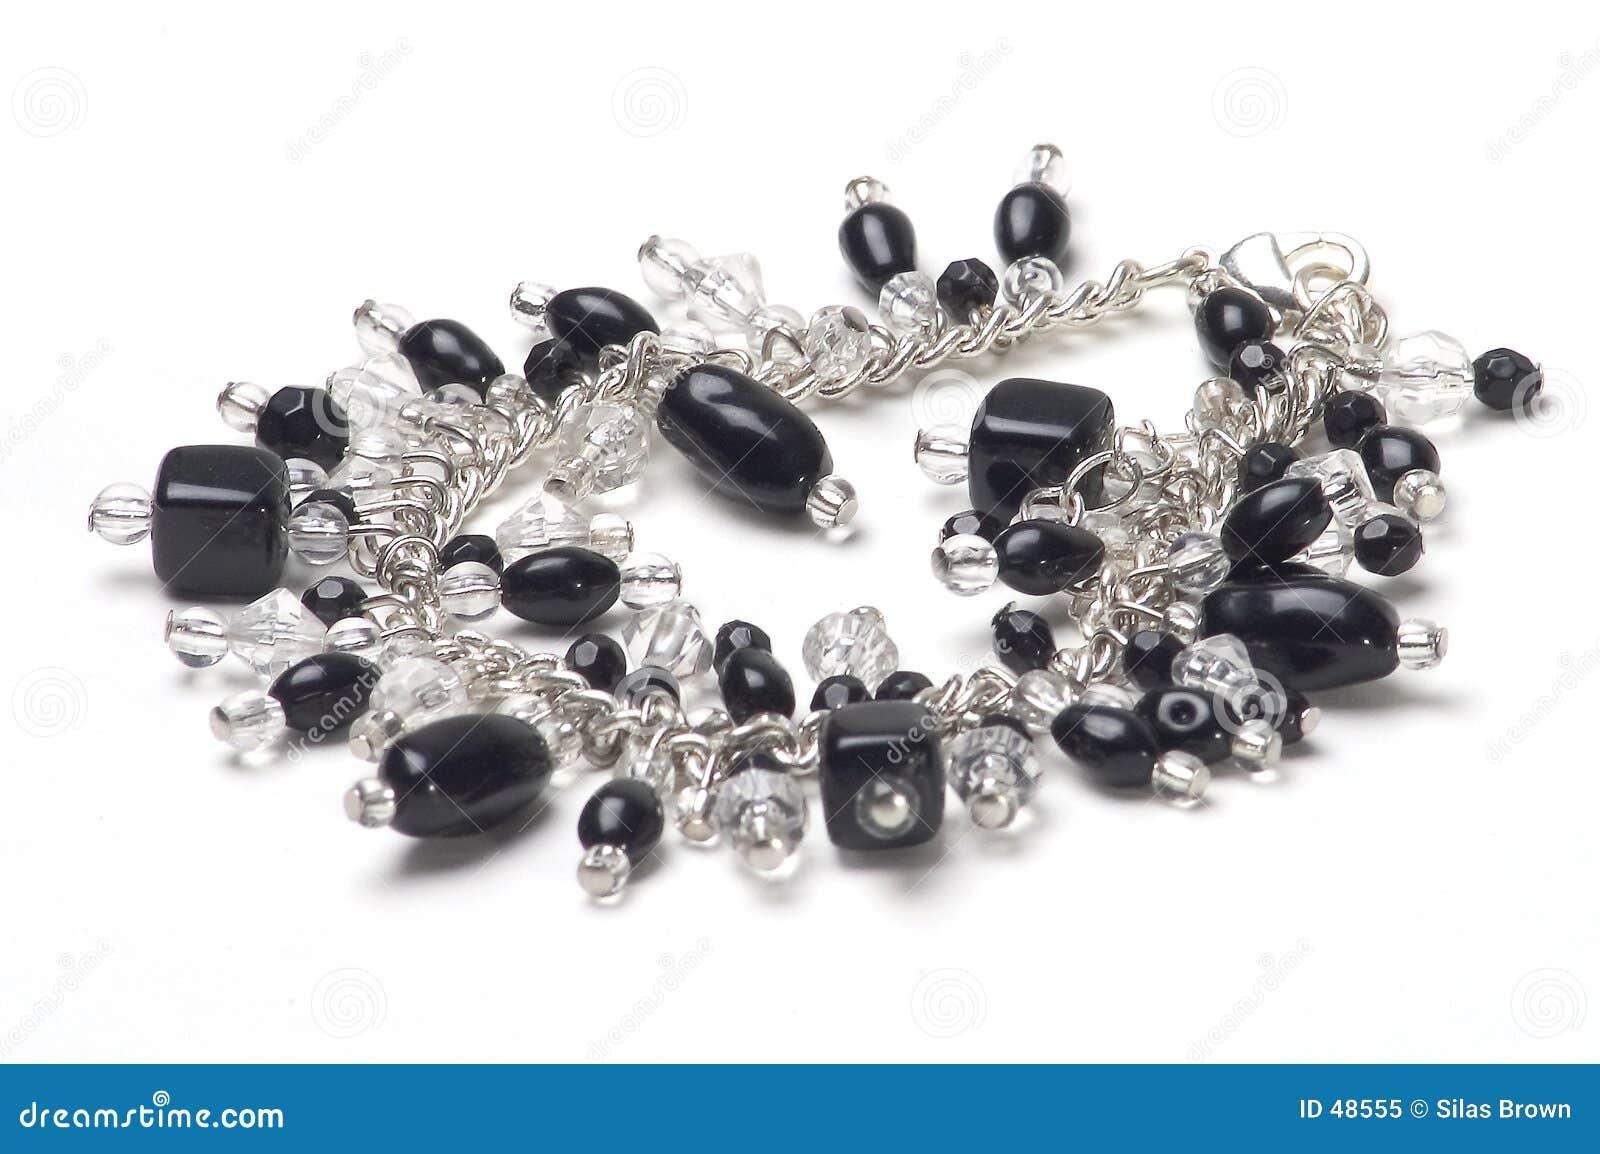 Bracelete com pedras pretas